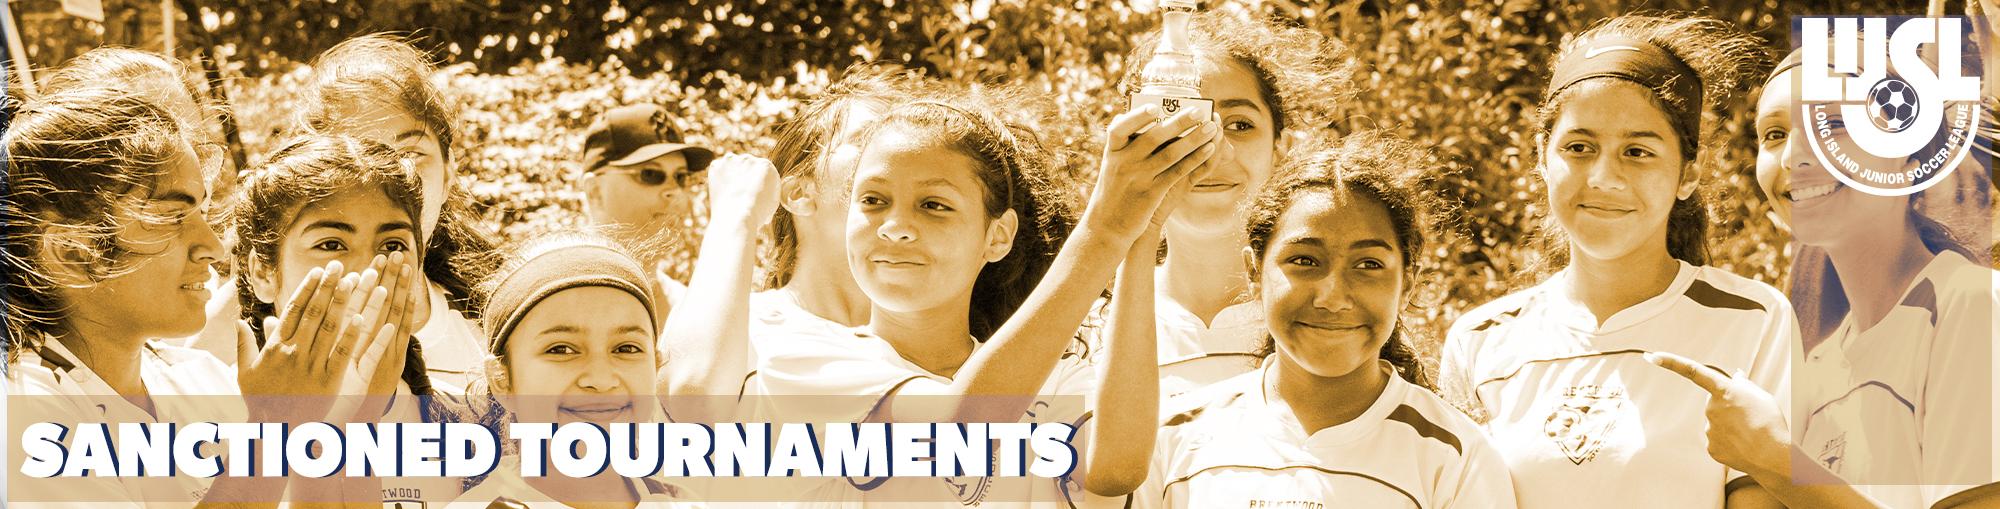 LIJSL Sanctioned Tournaments